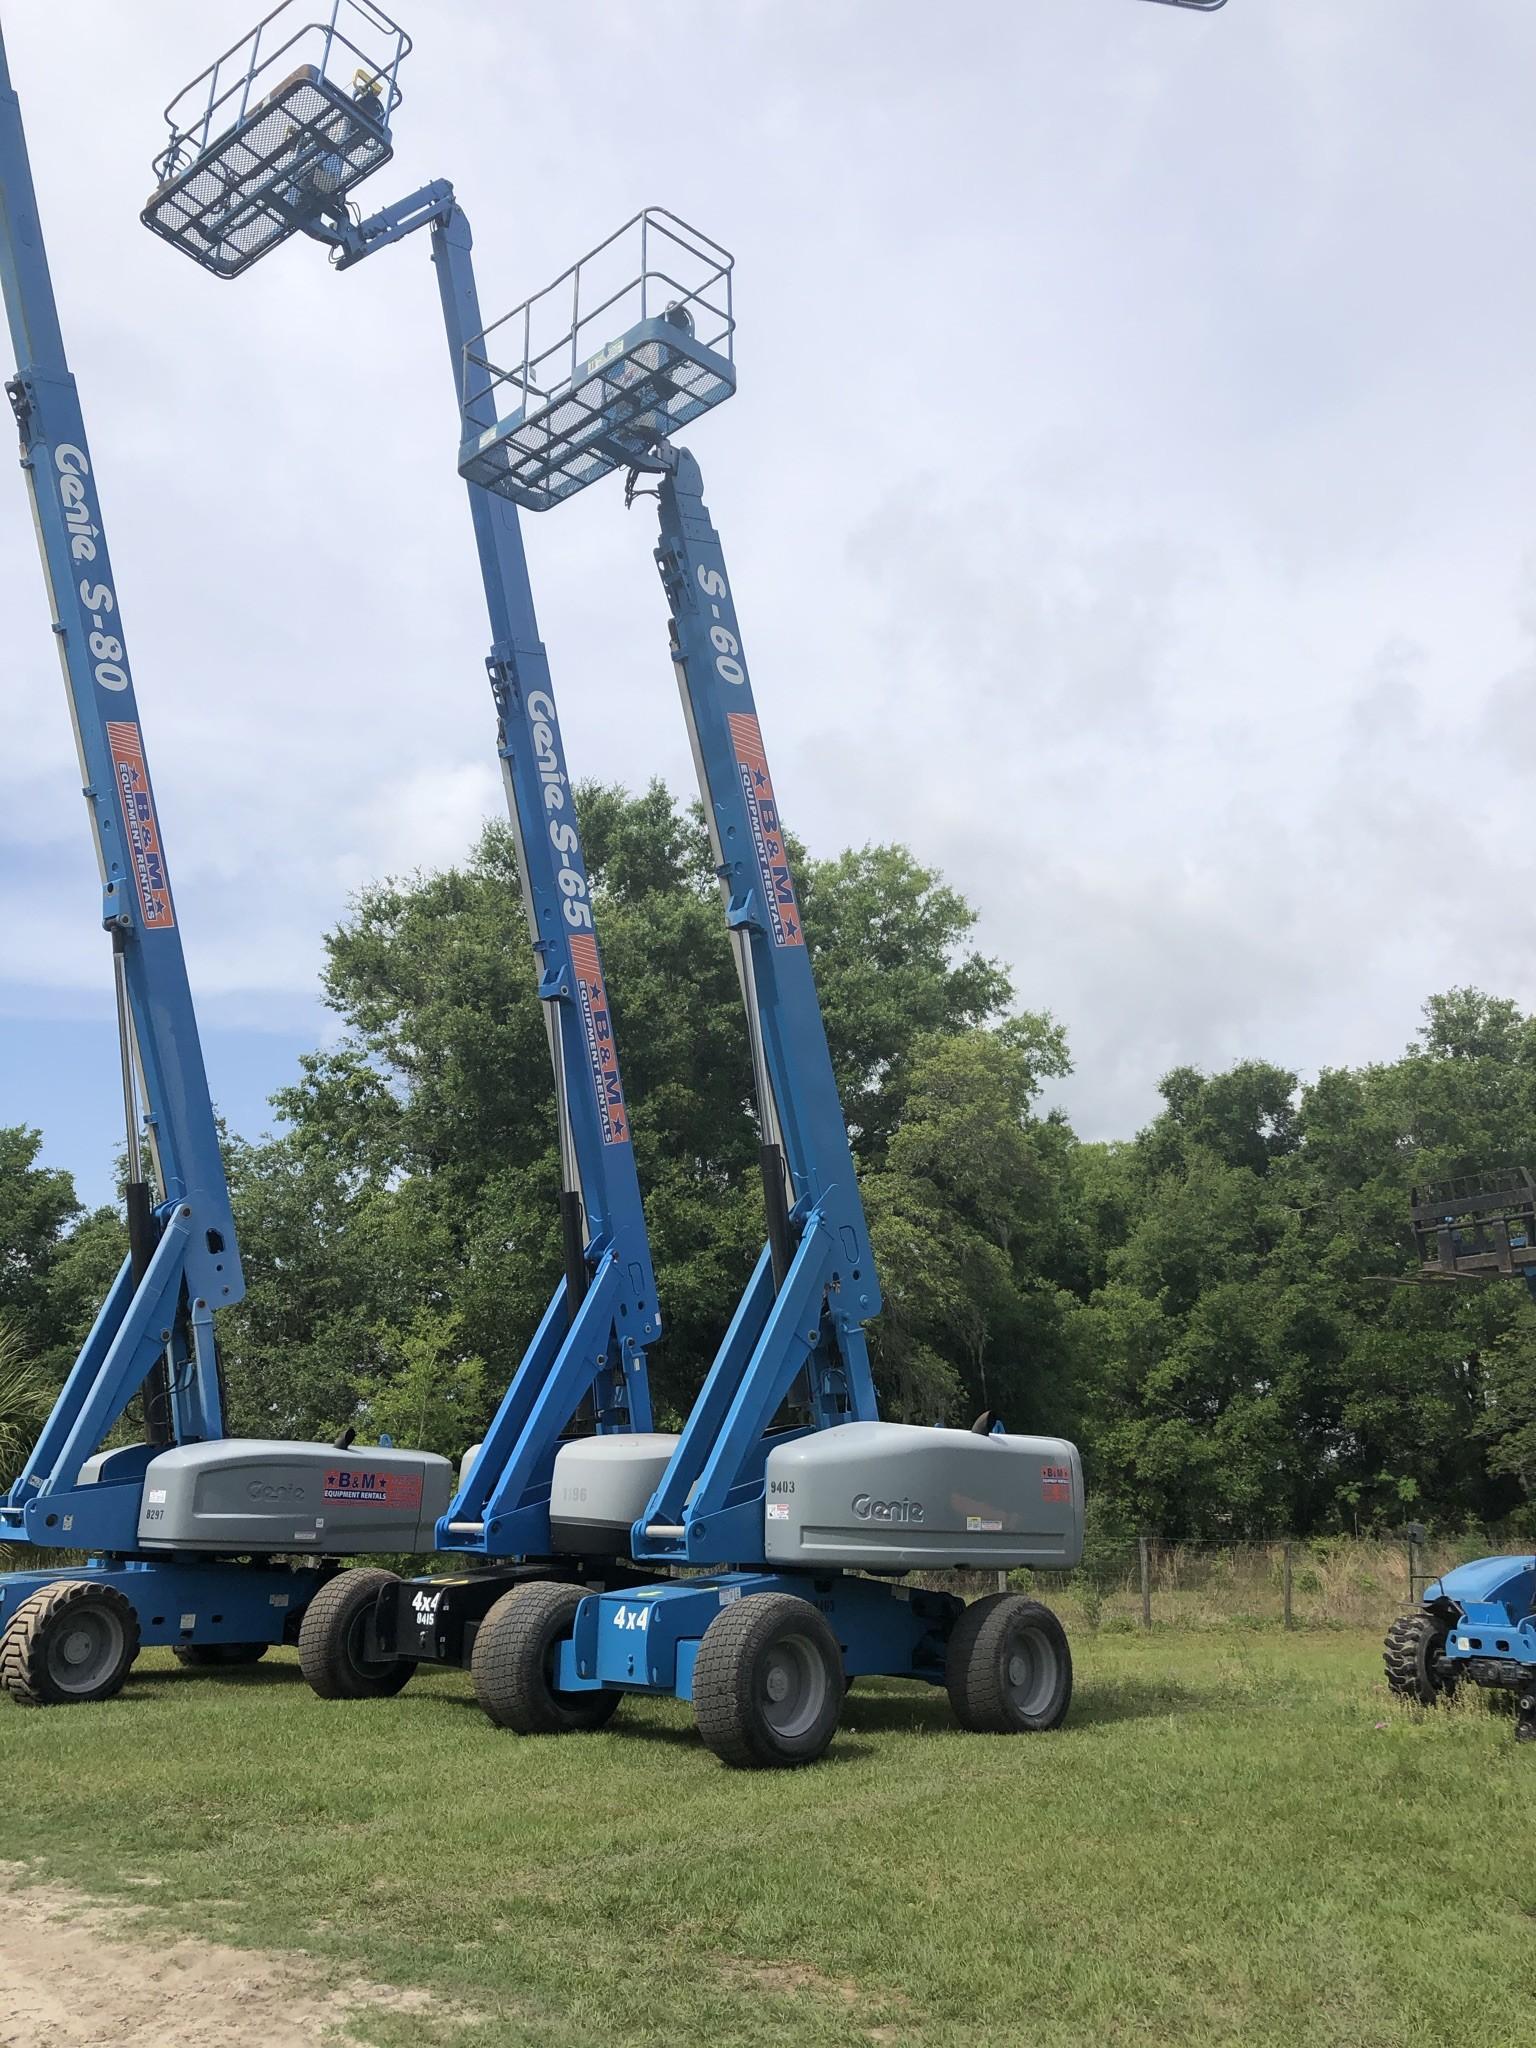 Used, 2008, Genie, S™ - 60, Aerial Work Platforms